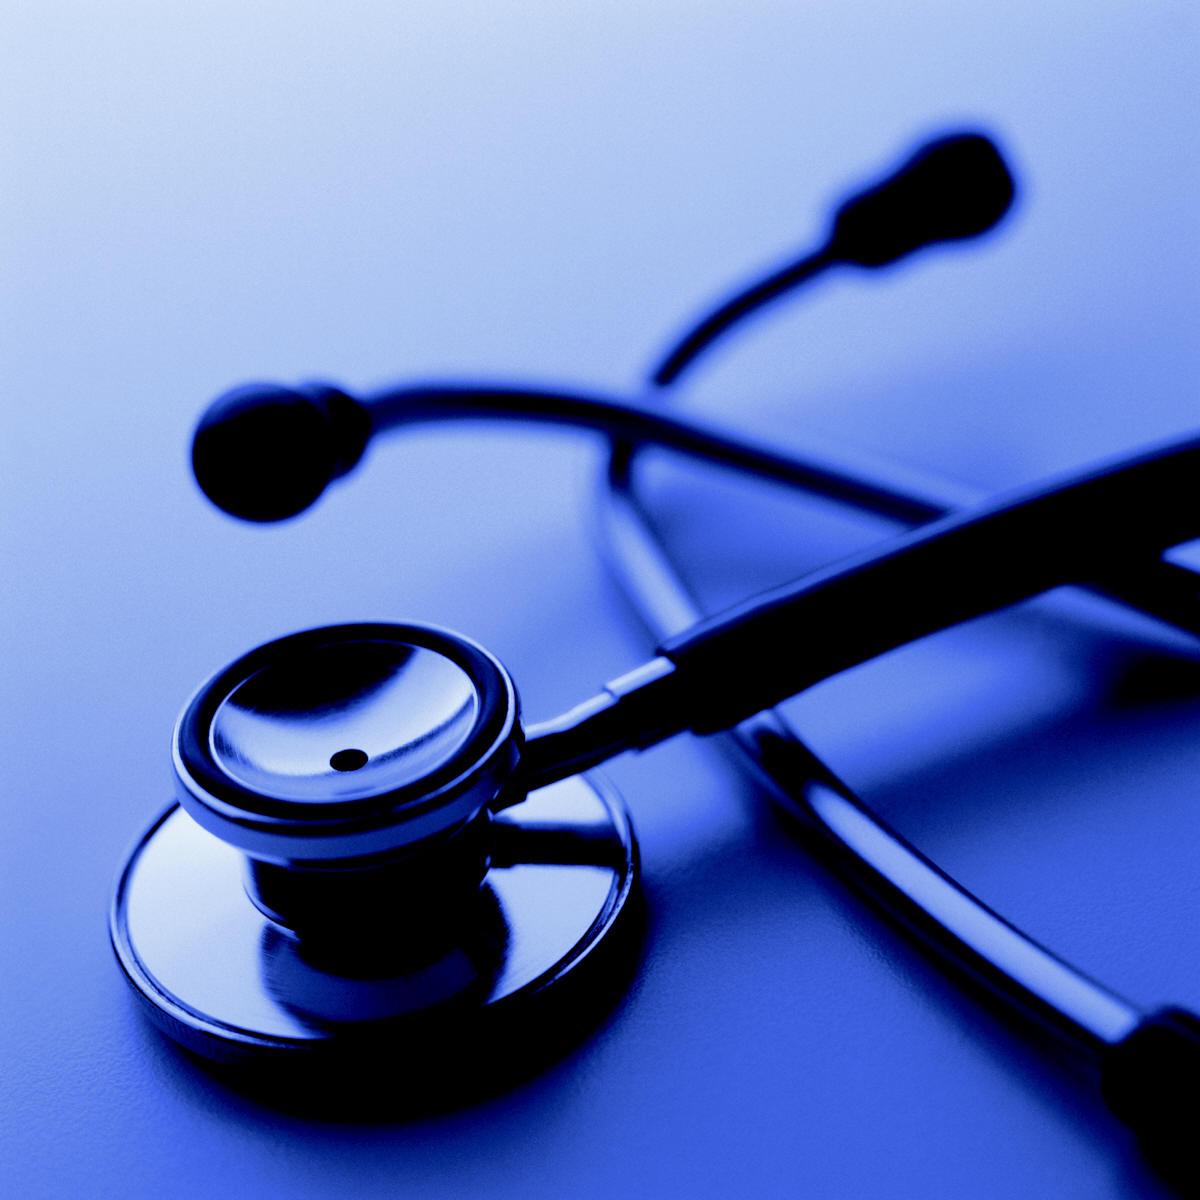 Врачей в больницах станет меньше